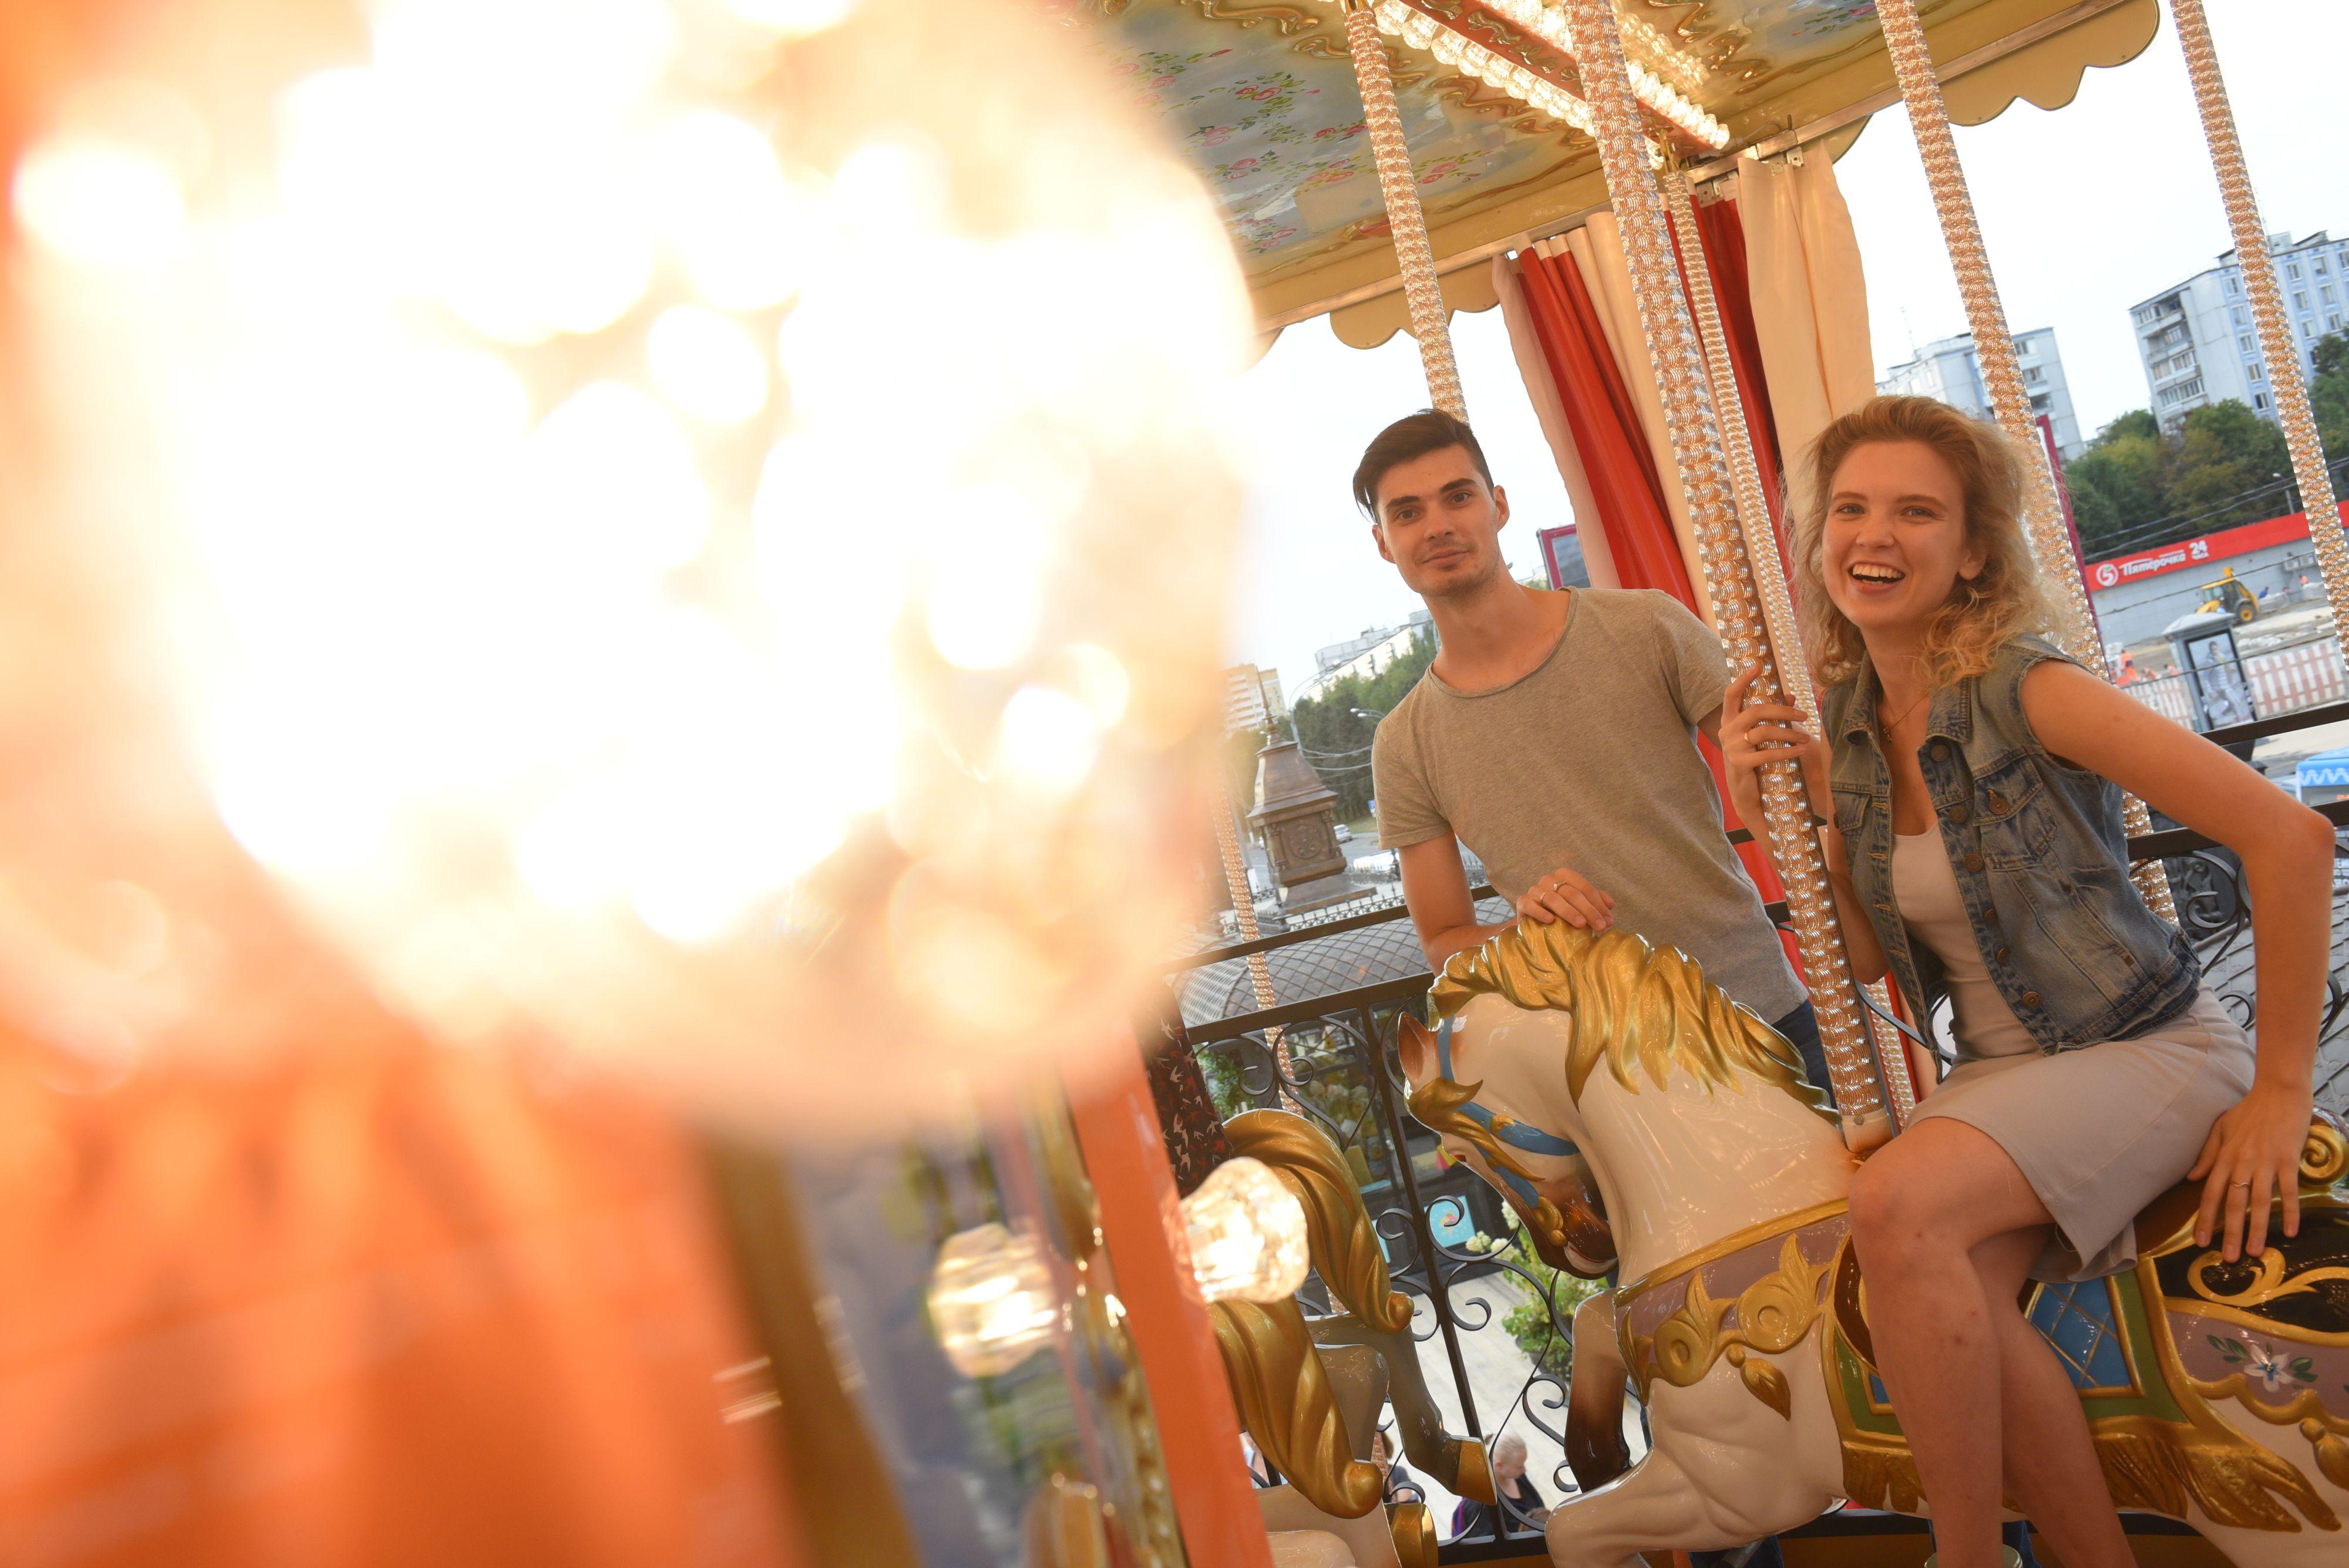 Последняя неделя «Цветочного джема» отметится театром и концертом на юго-западе Москвы